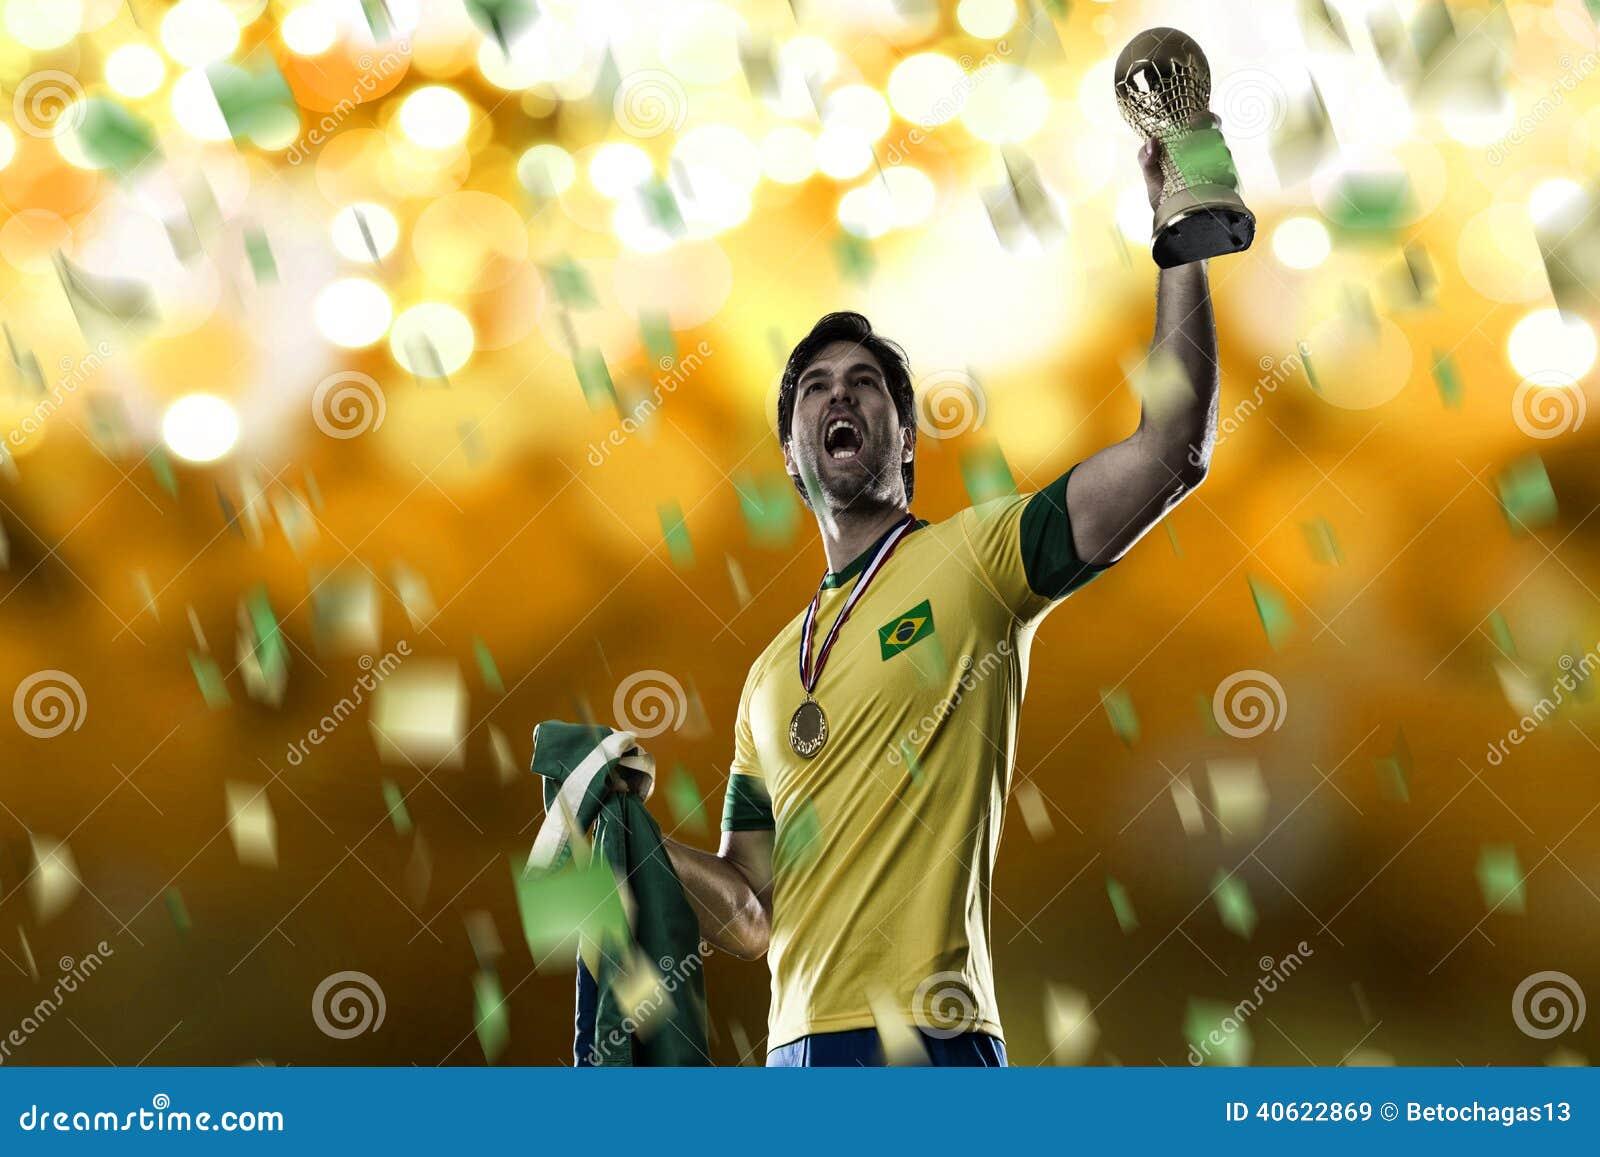 Jugador de fútbol brasileño